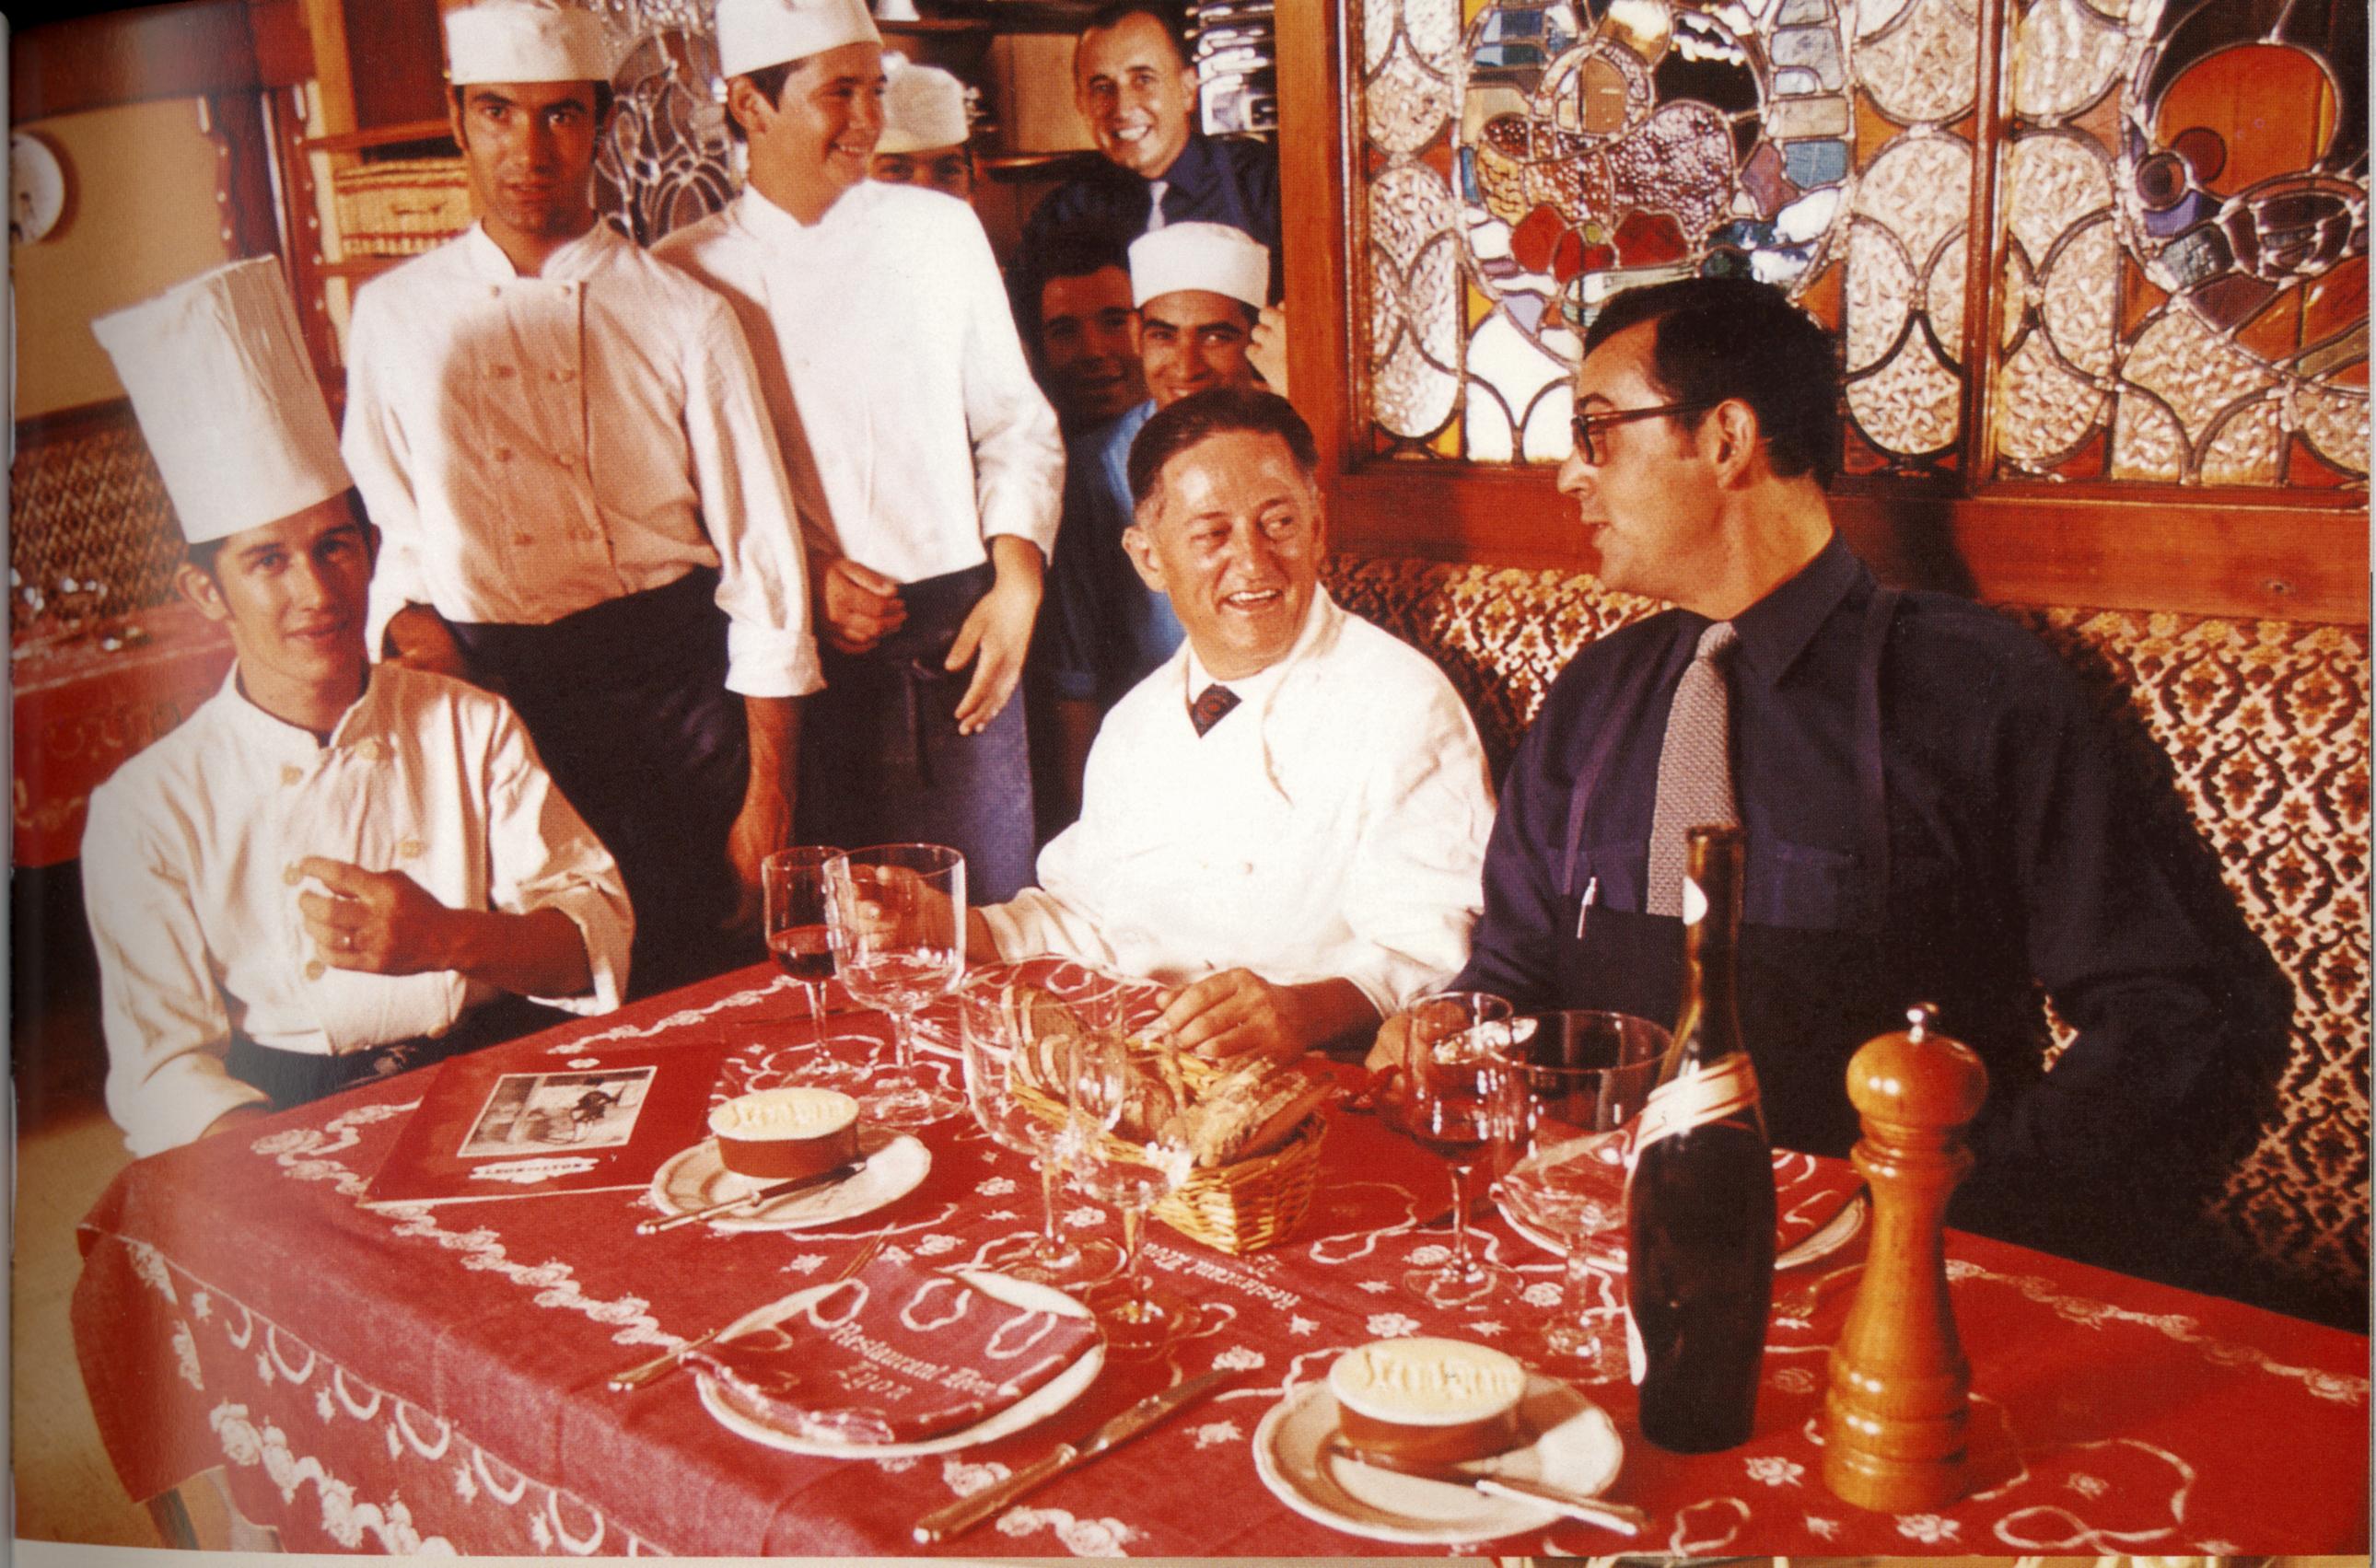 Bistrots de cuisiniers